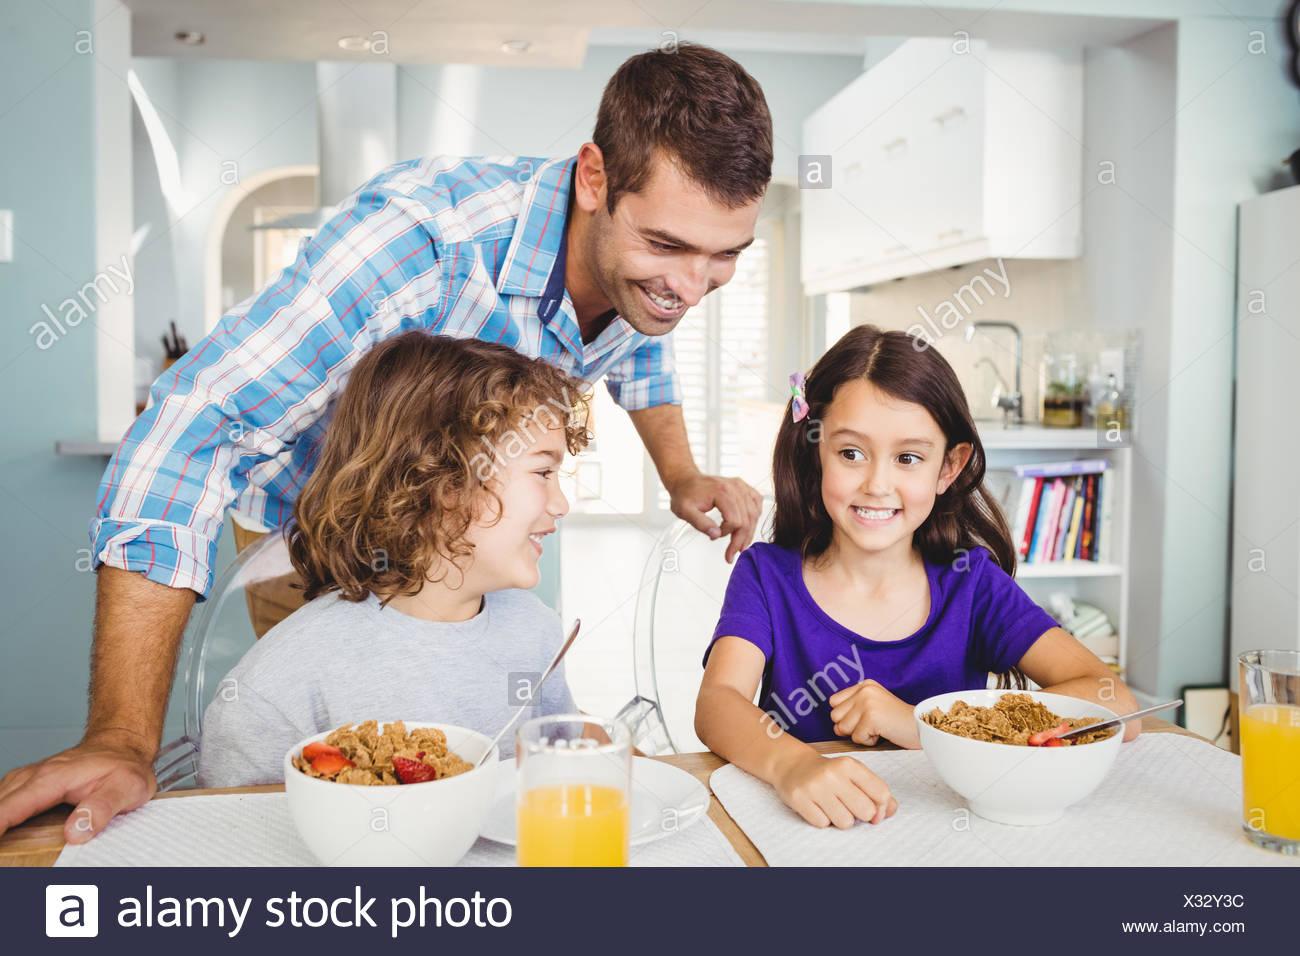 Hombre feliz con niños desayunando Imagen De Stock